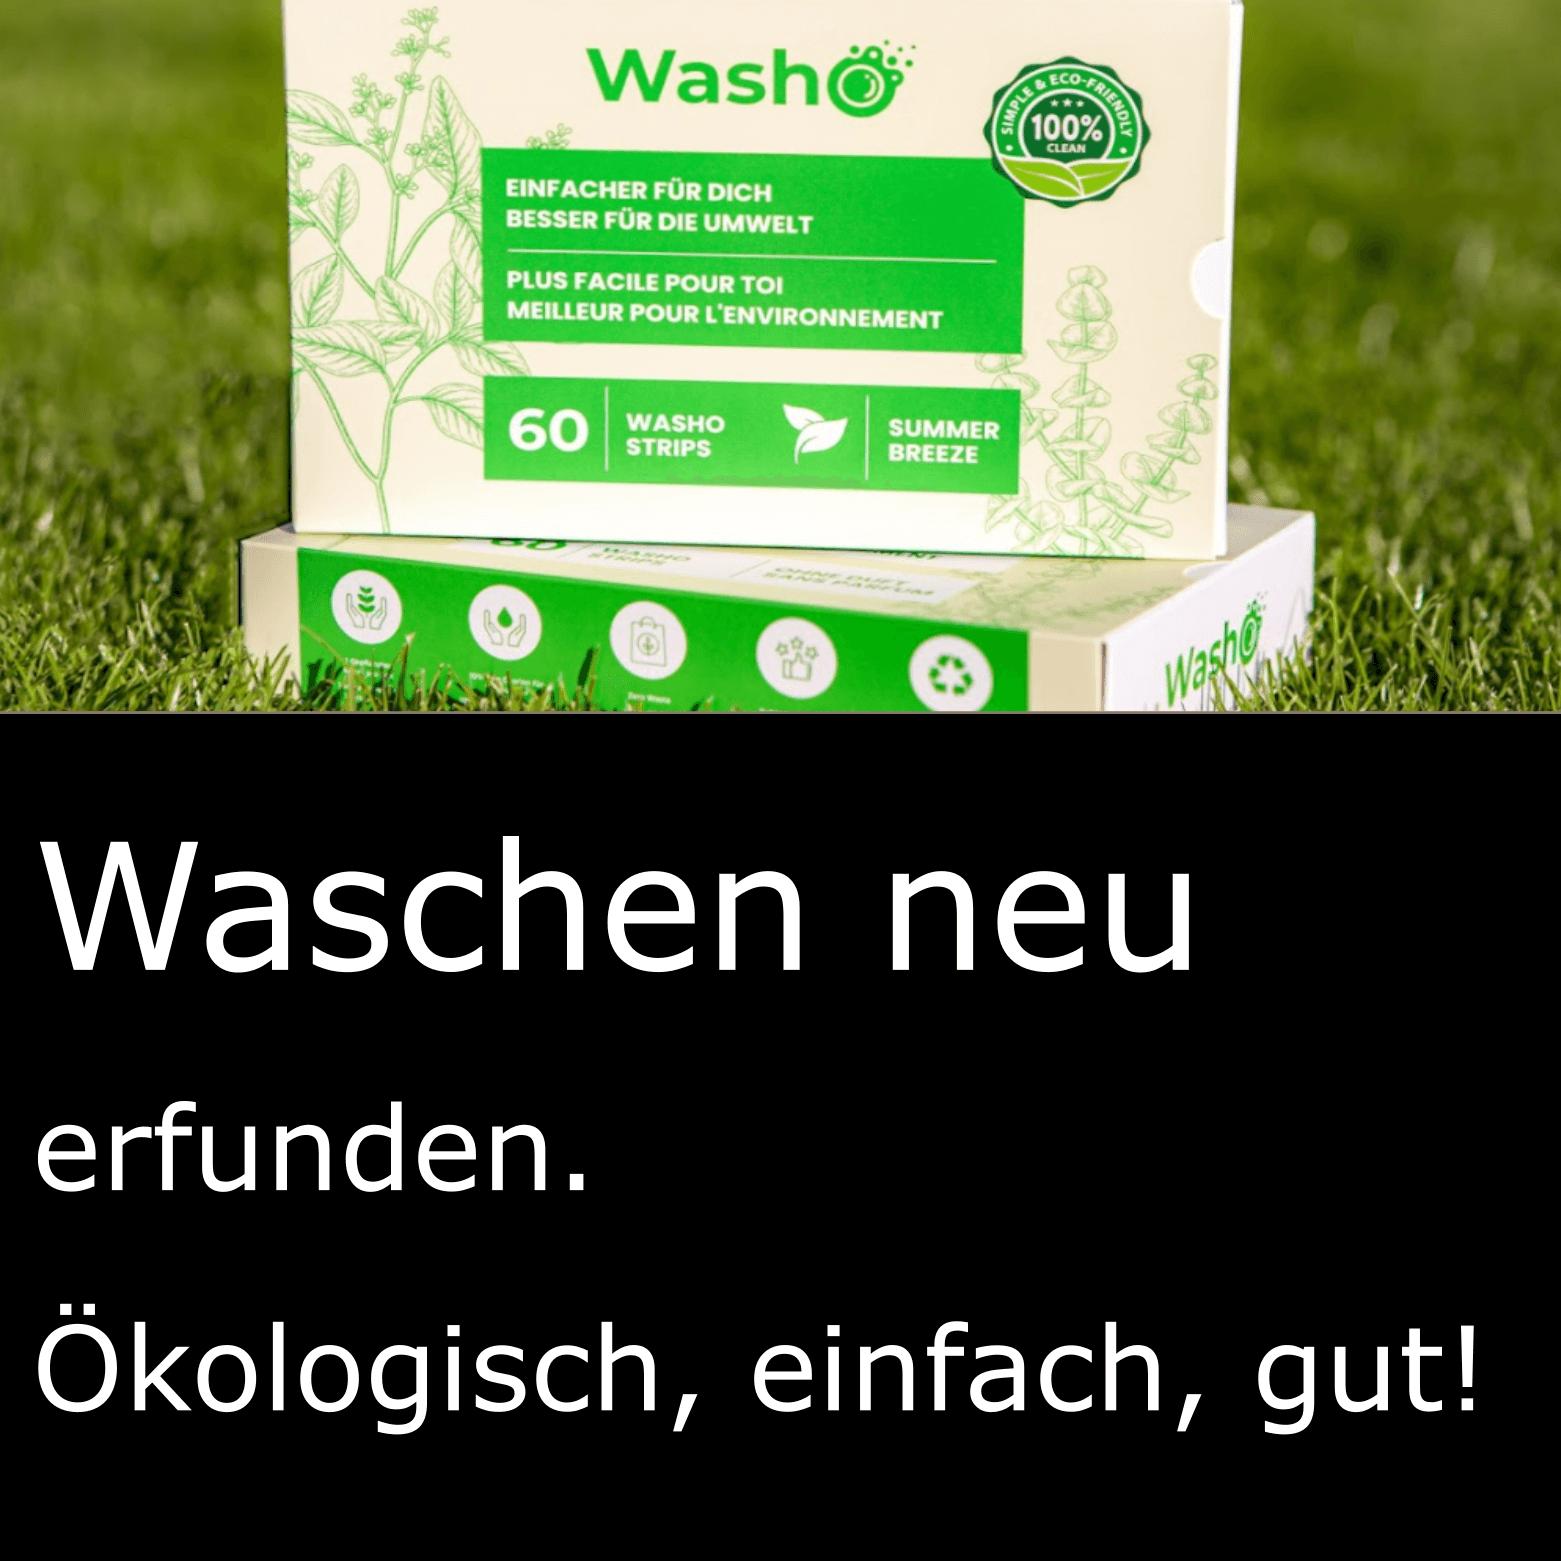 Washo. Wäsche waschen neu erfunden!